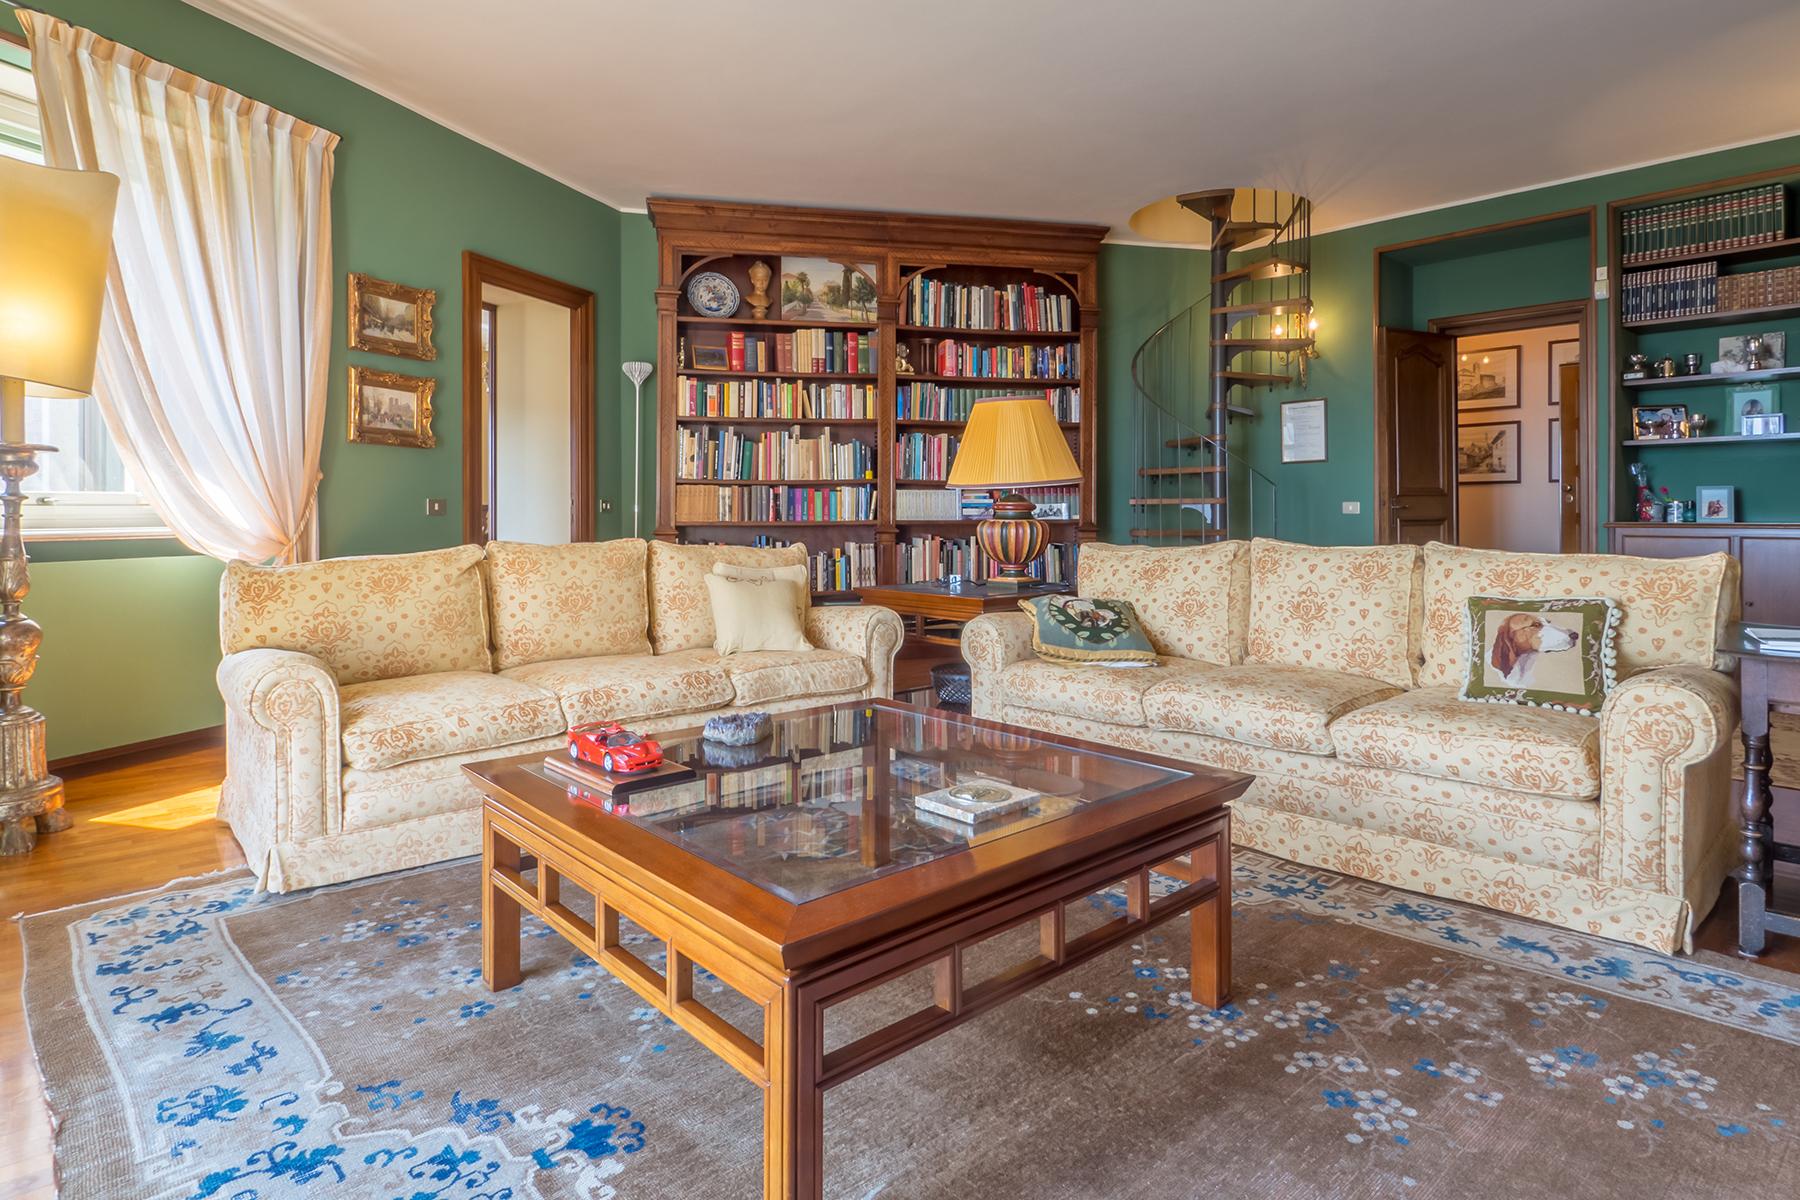 Appartamento in Vendita a Biella: 5 locali, 422 mq - Foto 7